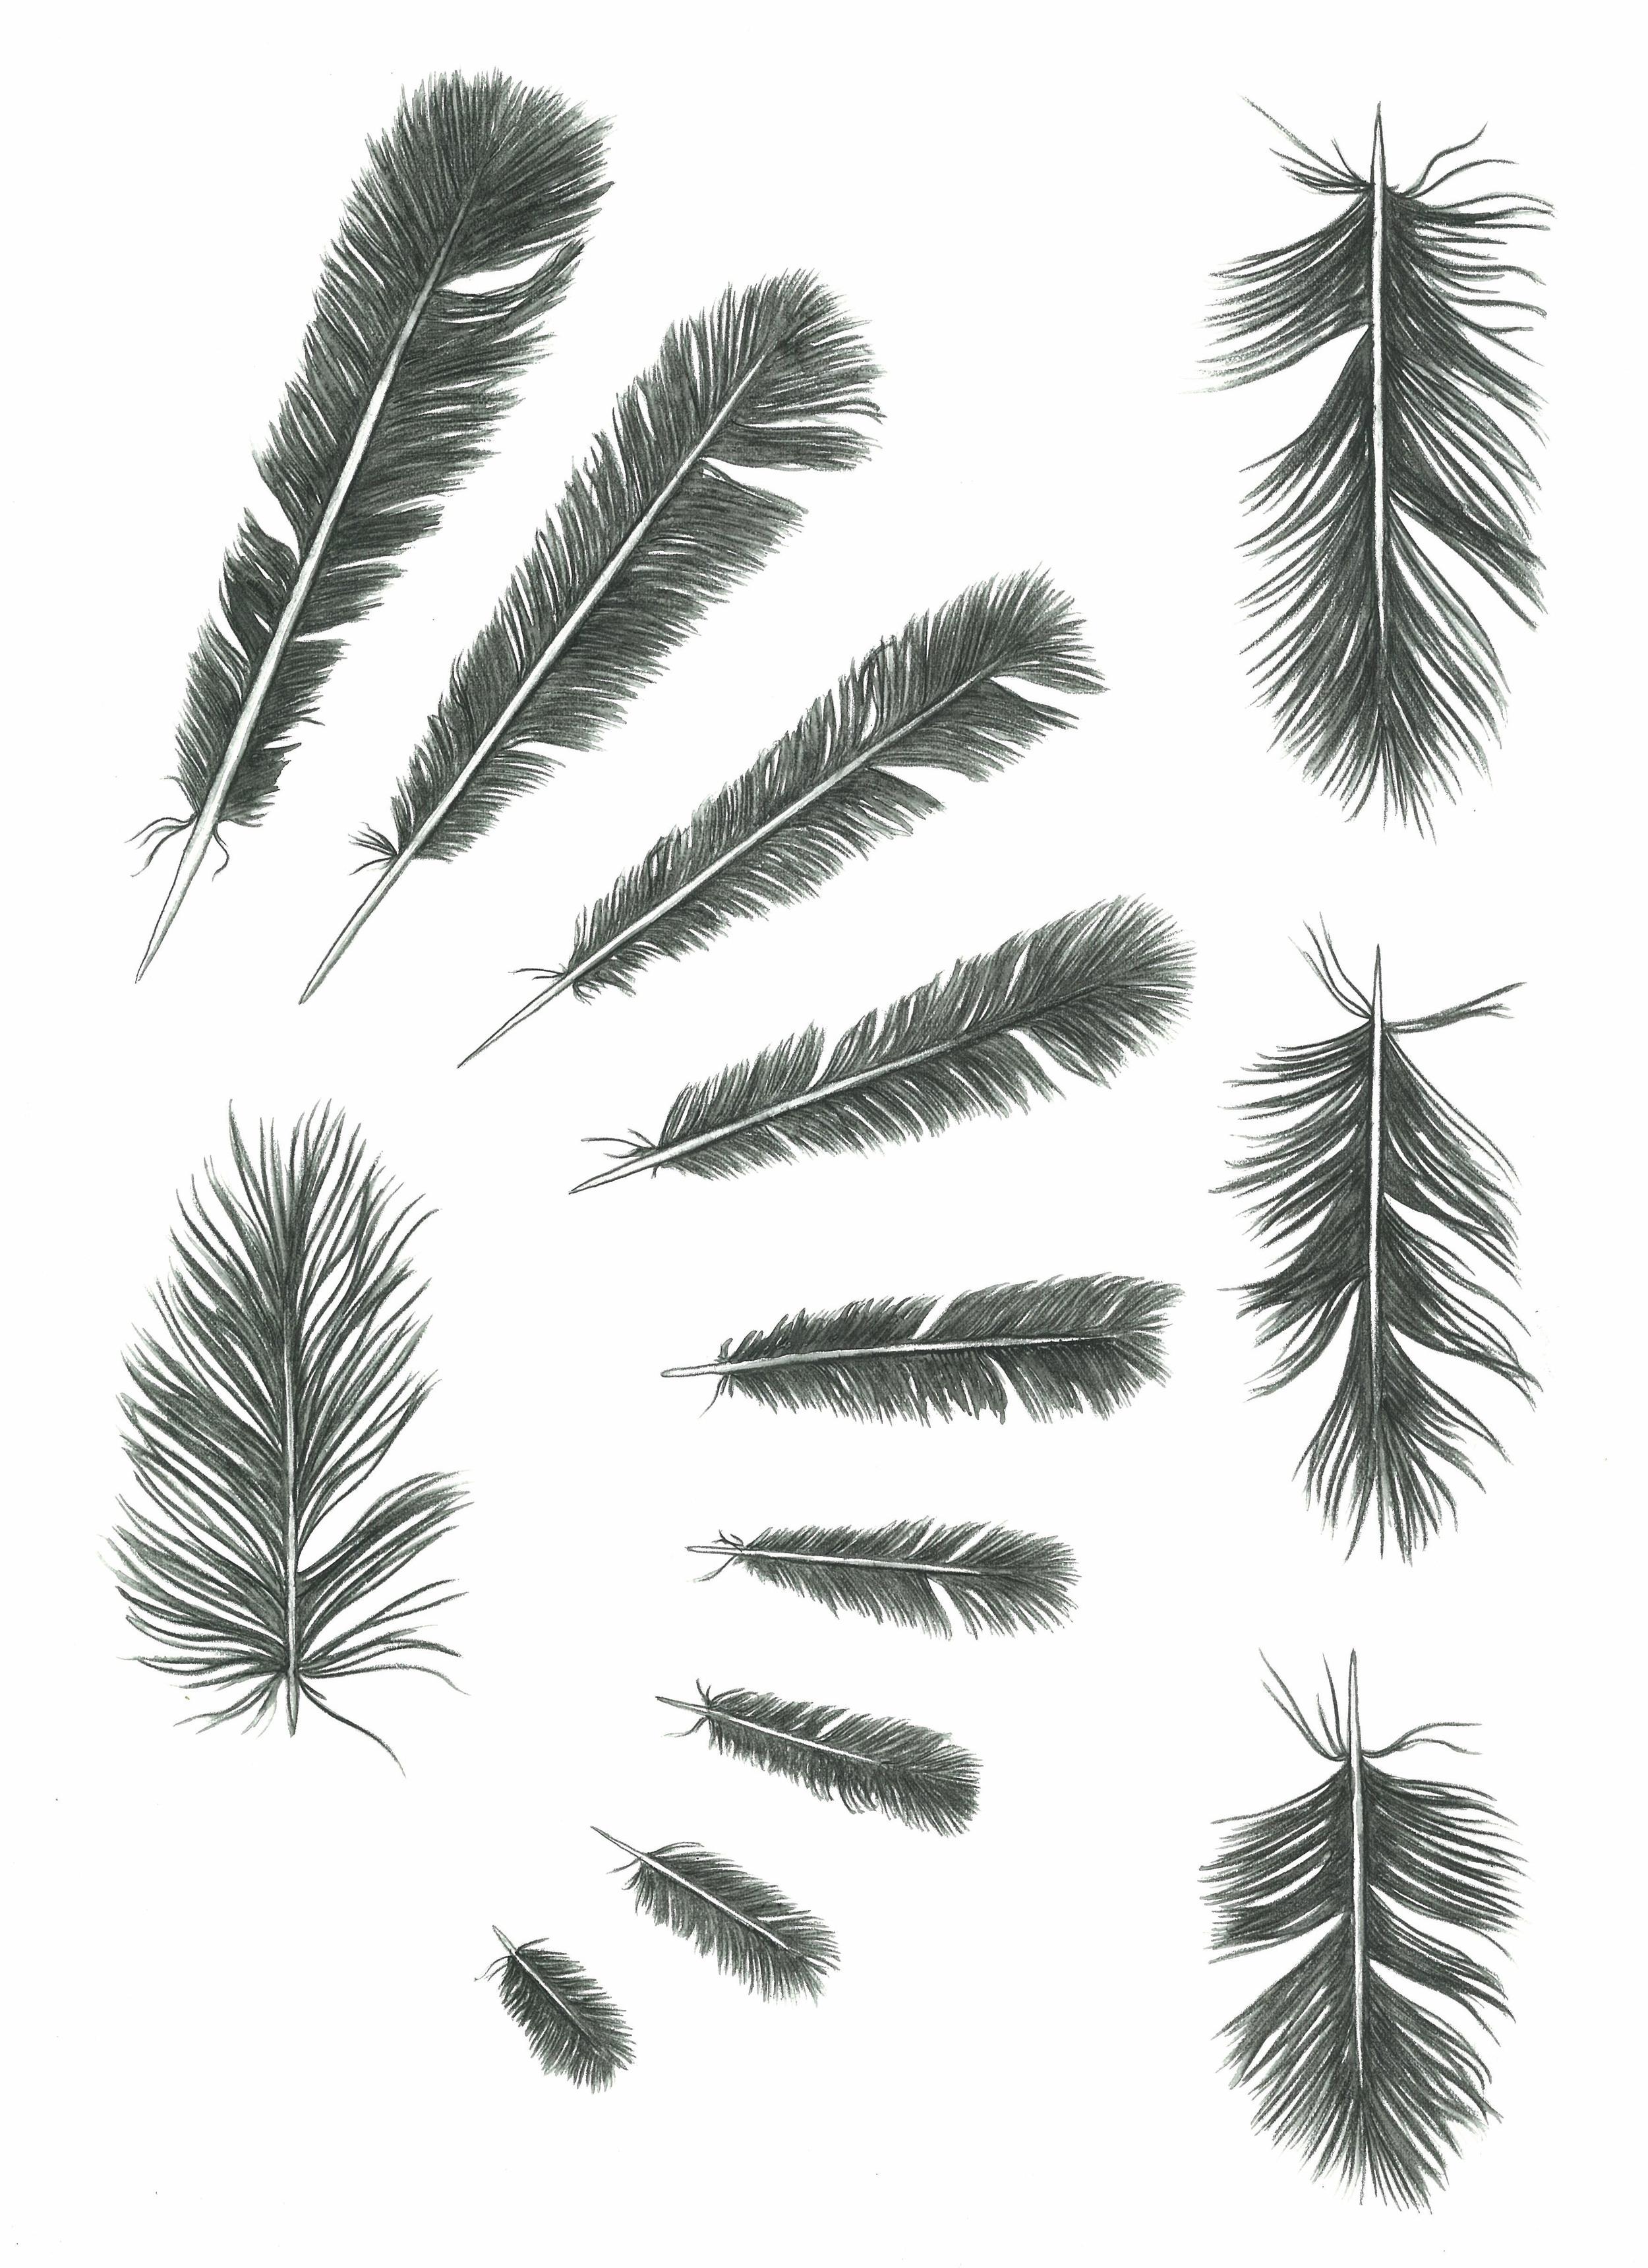 'Feather Studies #3'